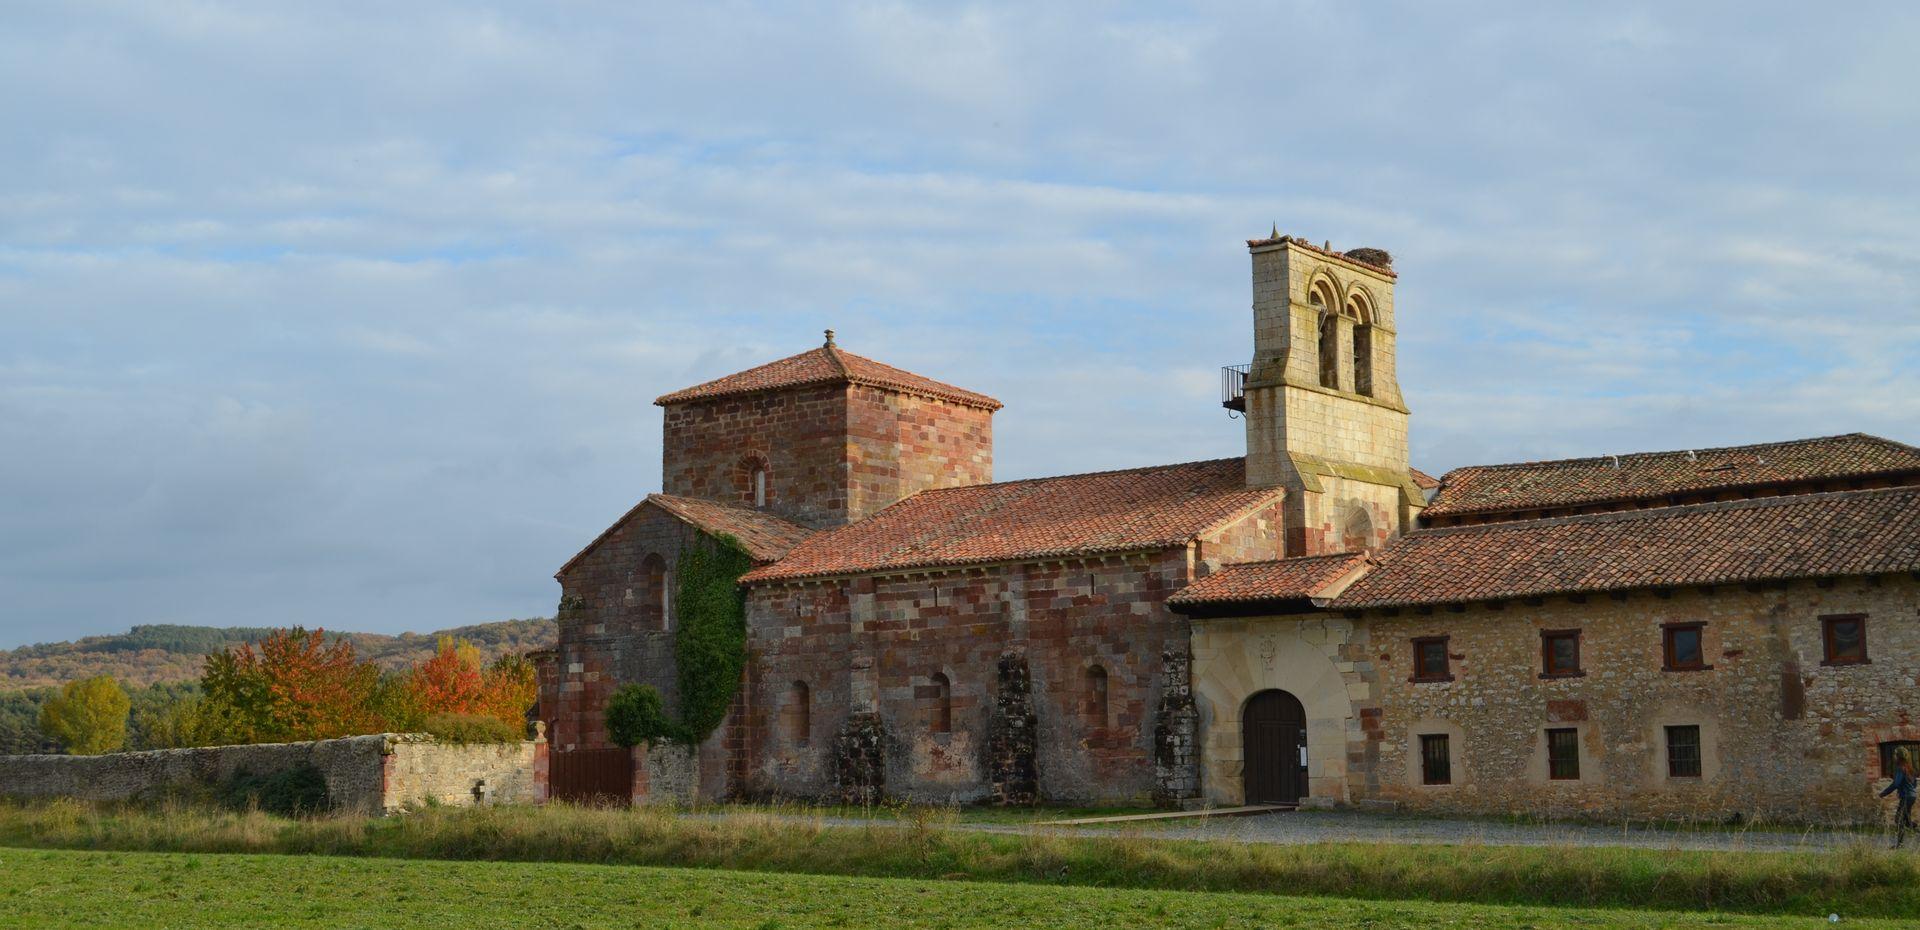 Monasterio De Santa María De Mave Palencia Turismo